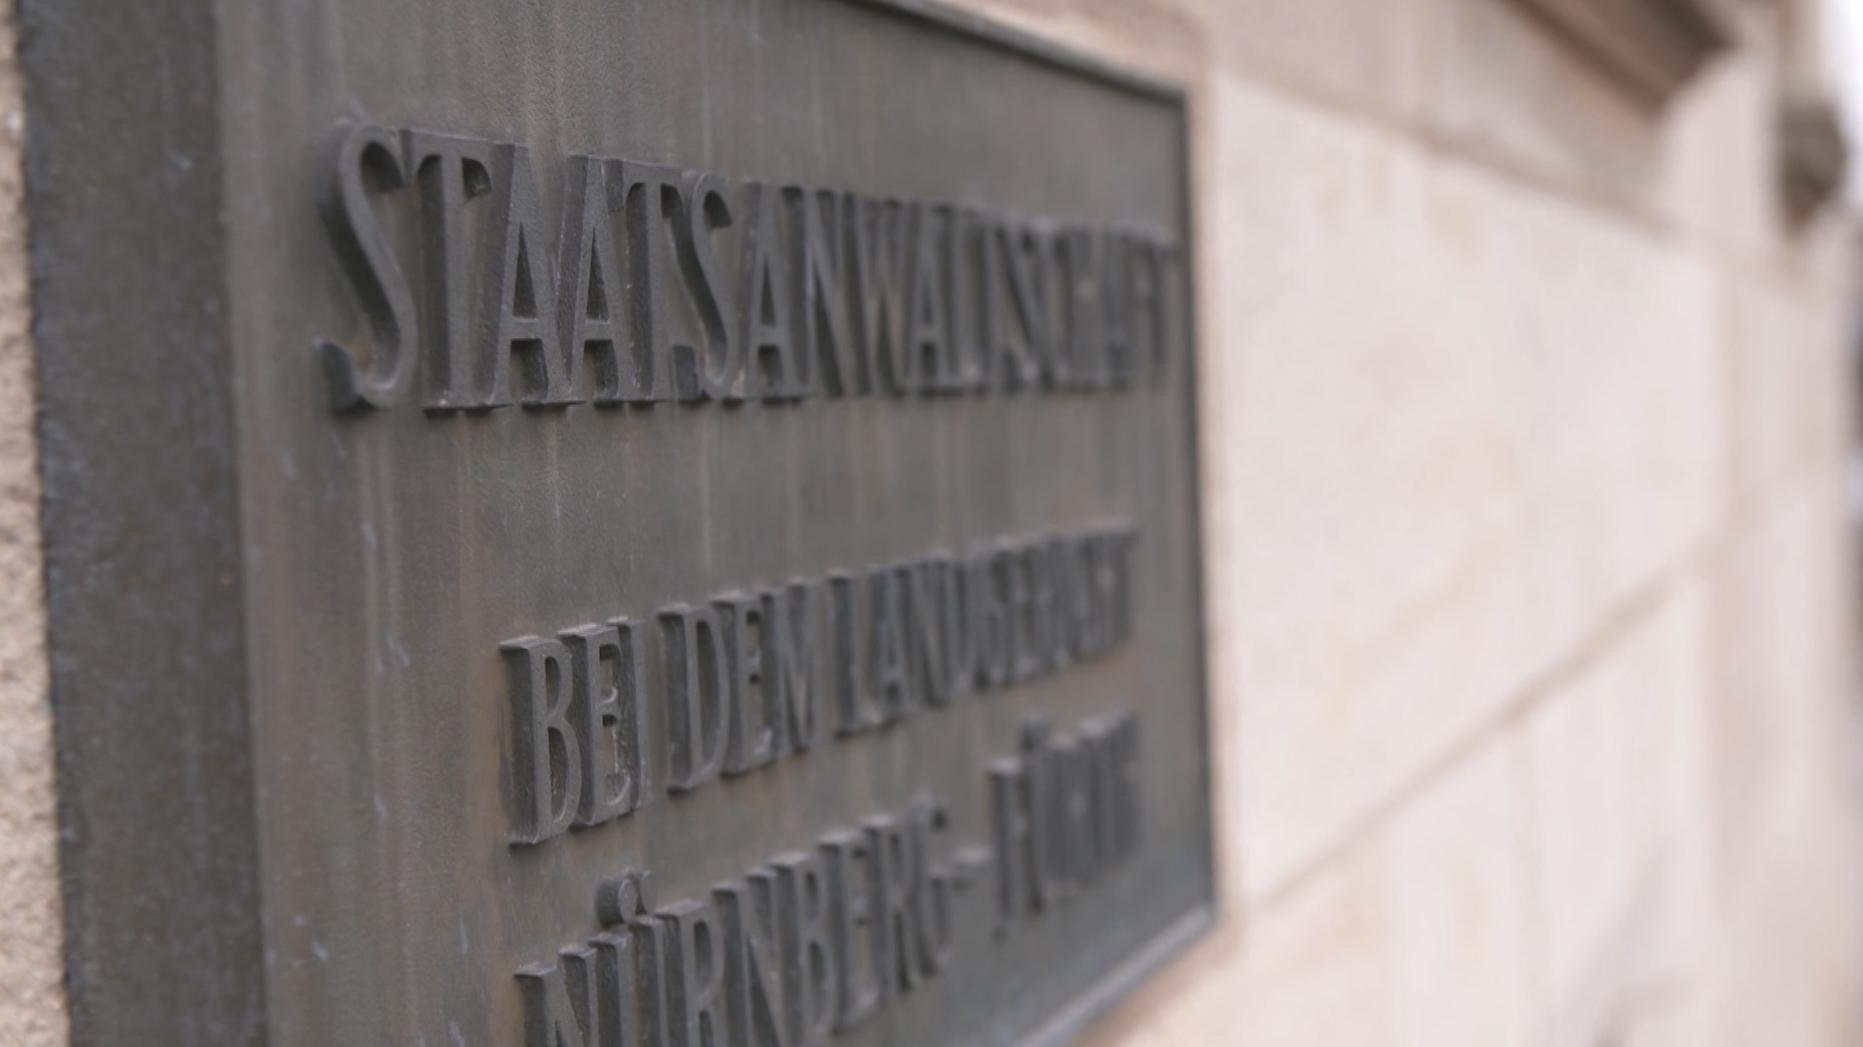 Staatsanwaltschaft Nürnberg-Fürth